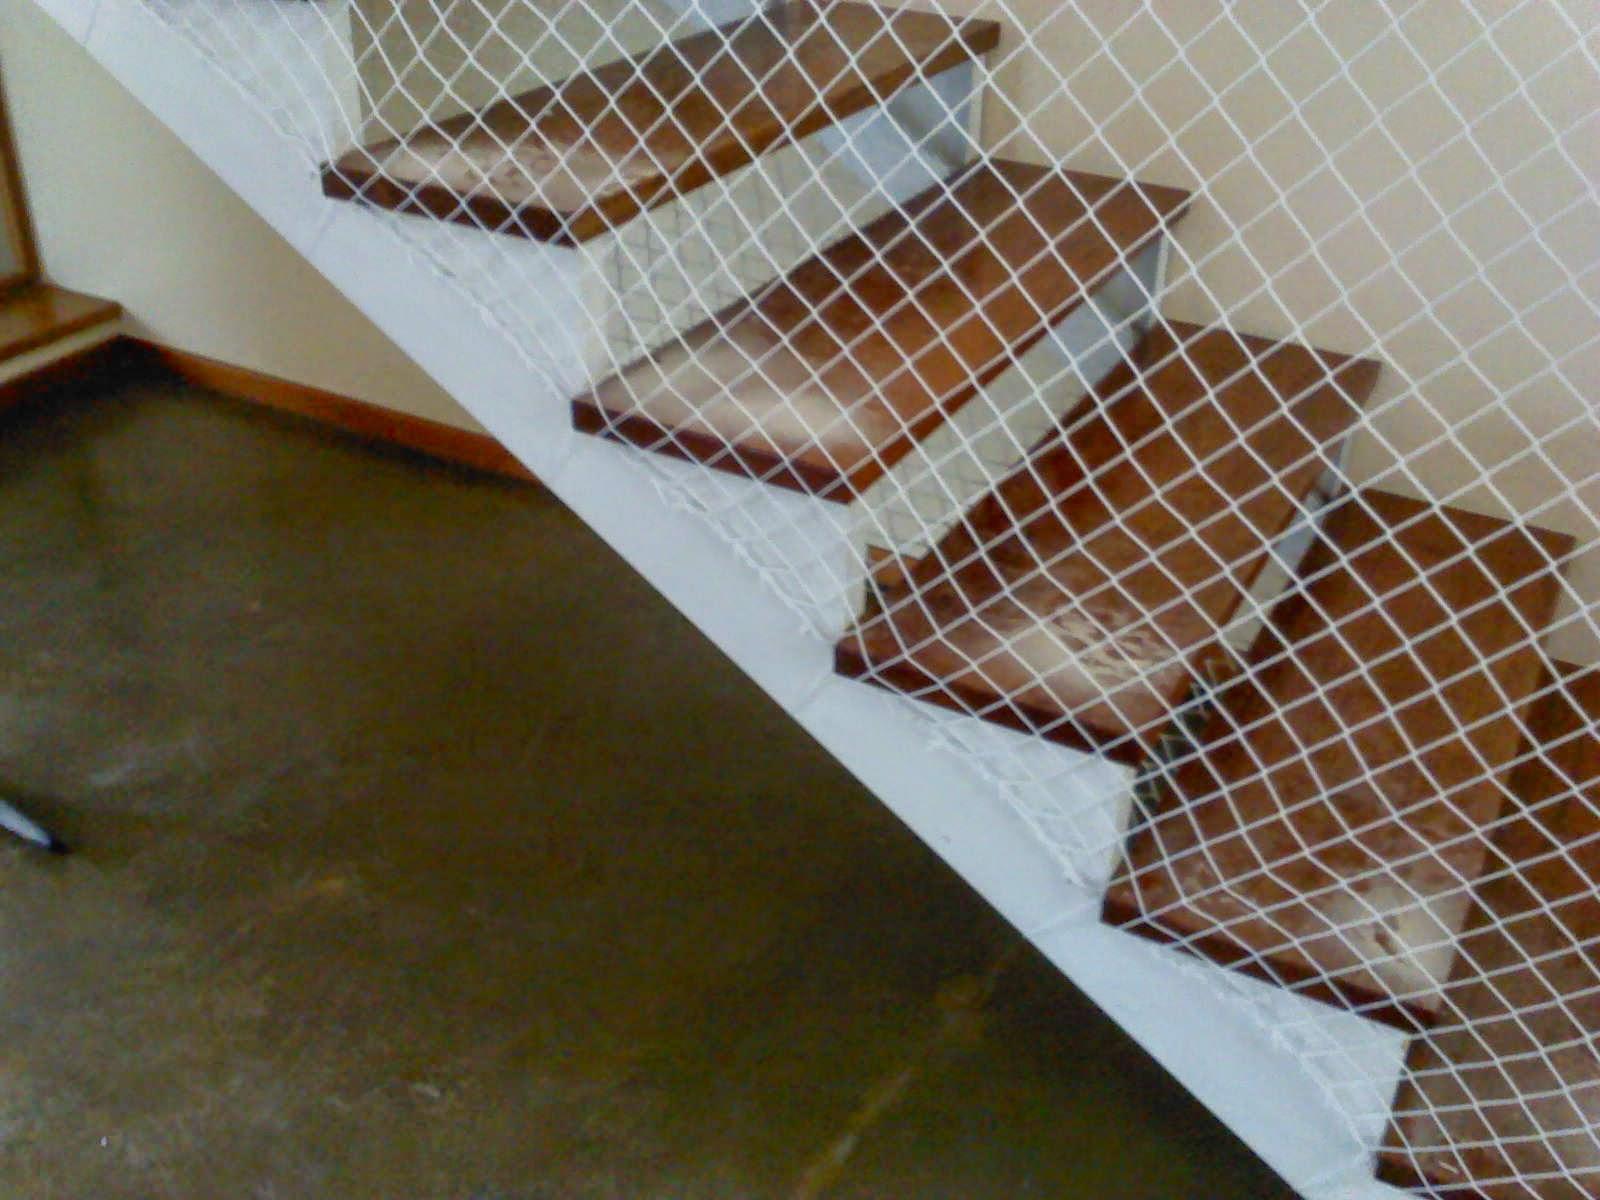 Redes de proteccion - Proteccion para escaleras ...